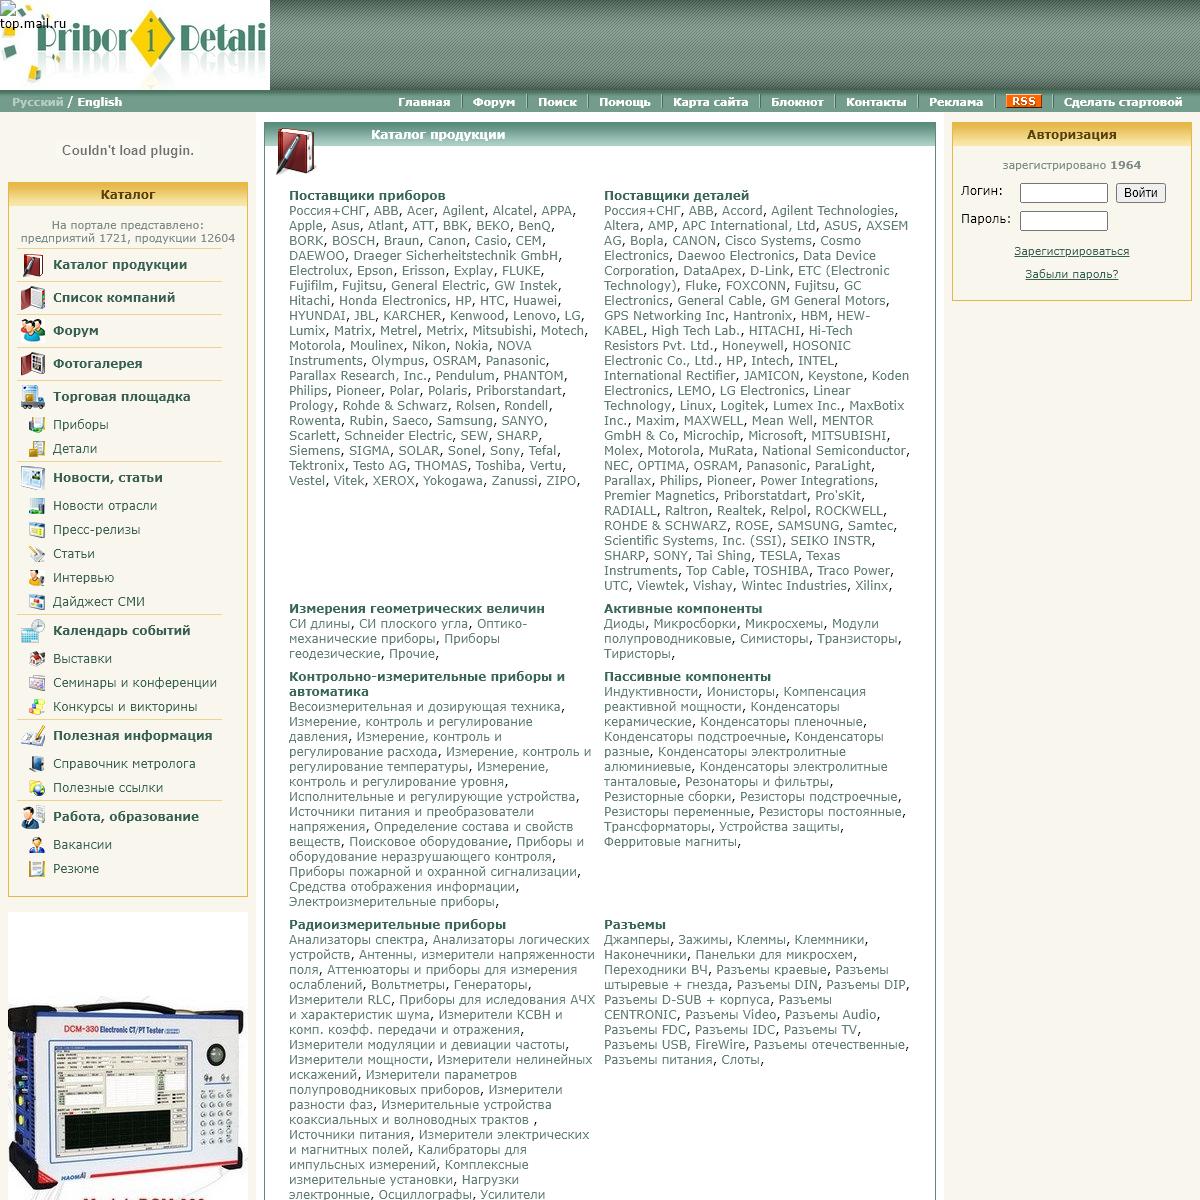 Информационный портал приборов и деталей